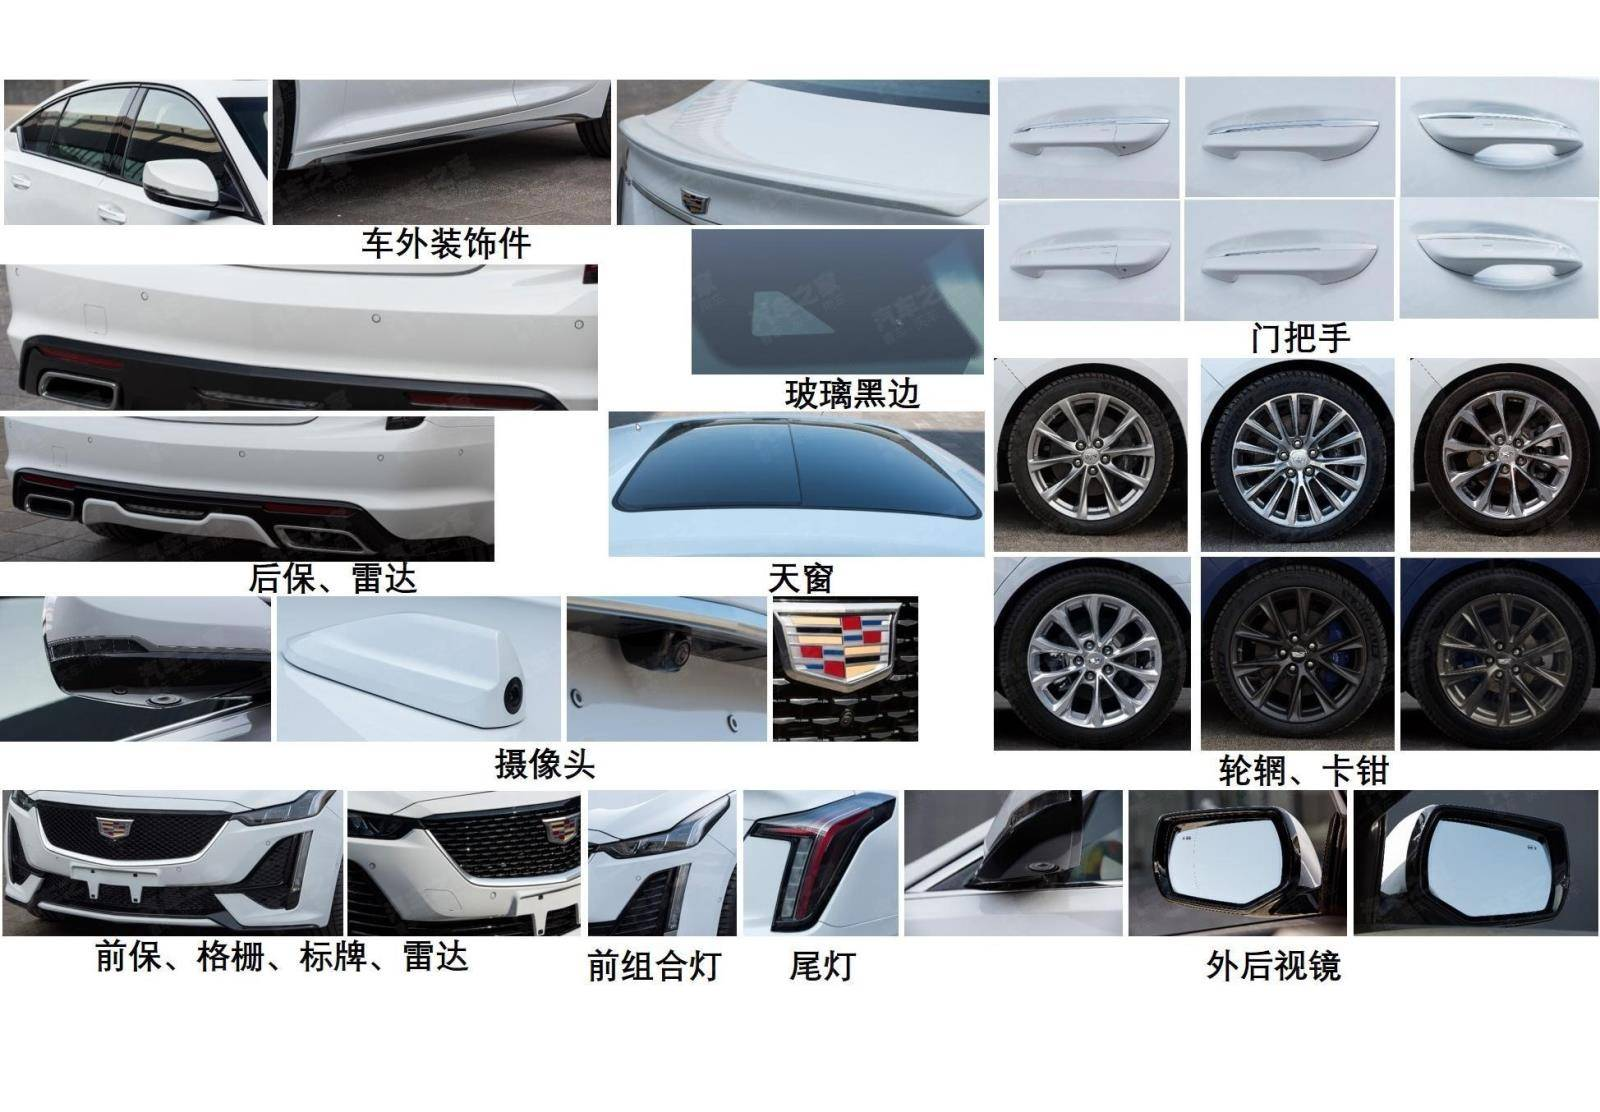 国产凯迪拉克CT5将亮相成都车展,预计11月上市